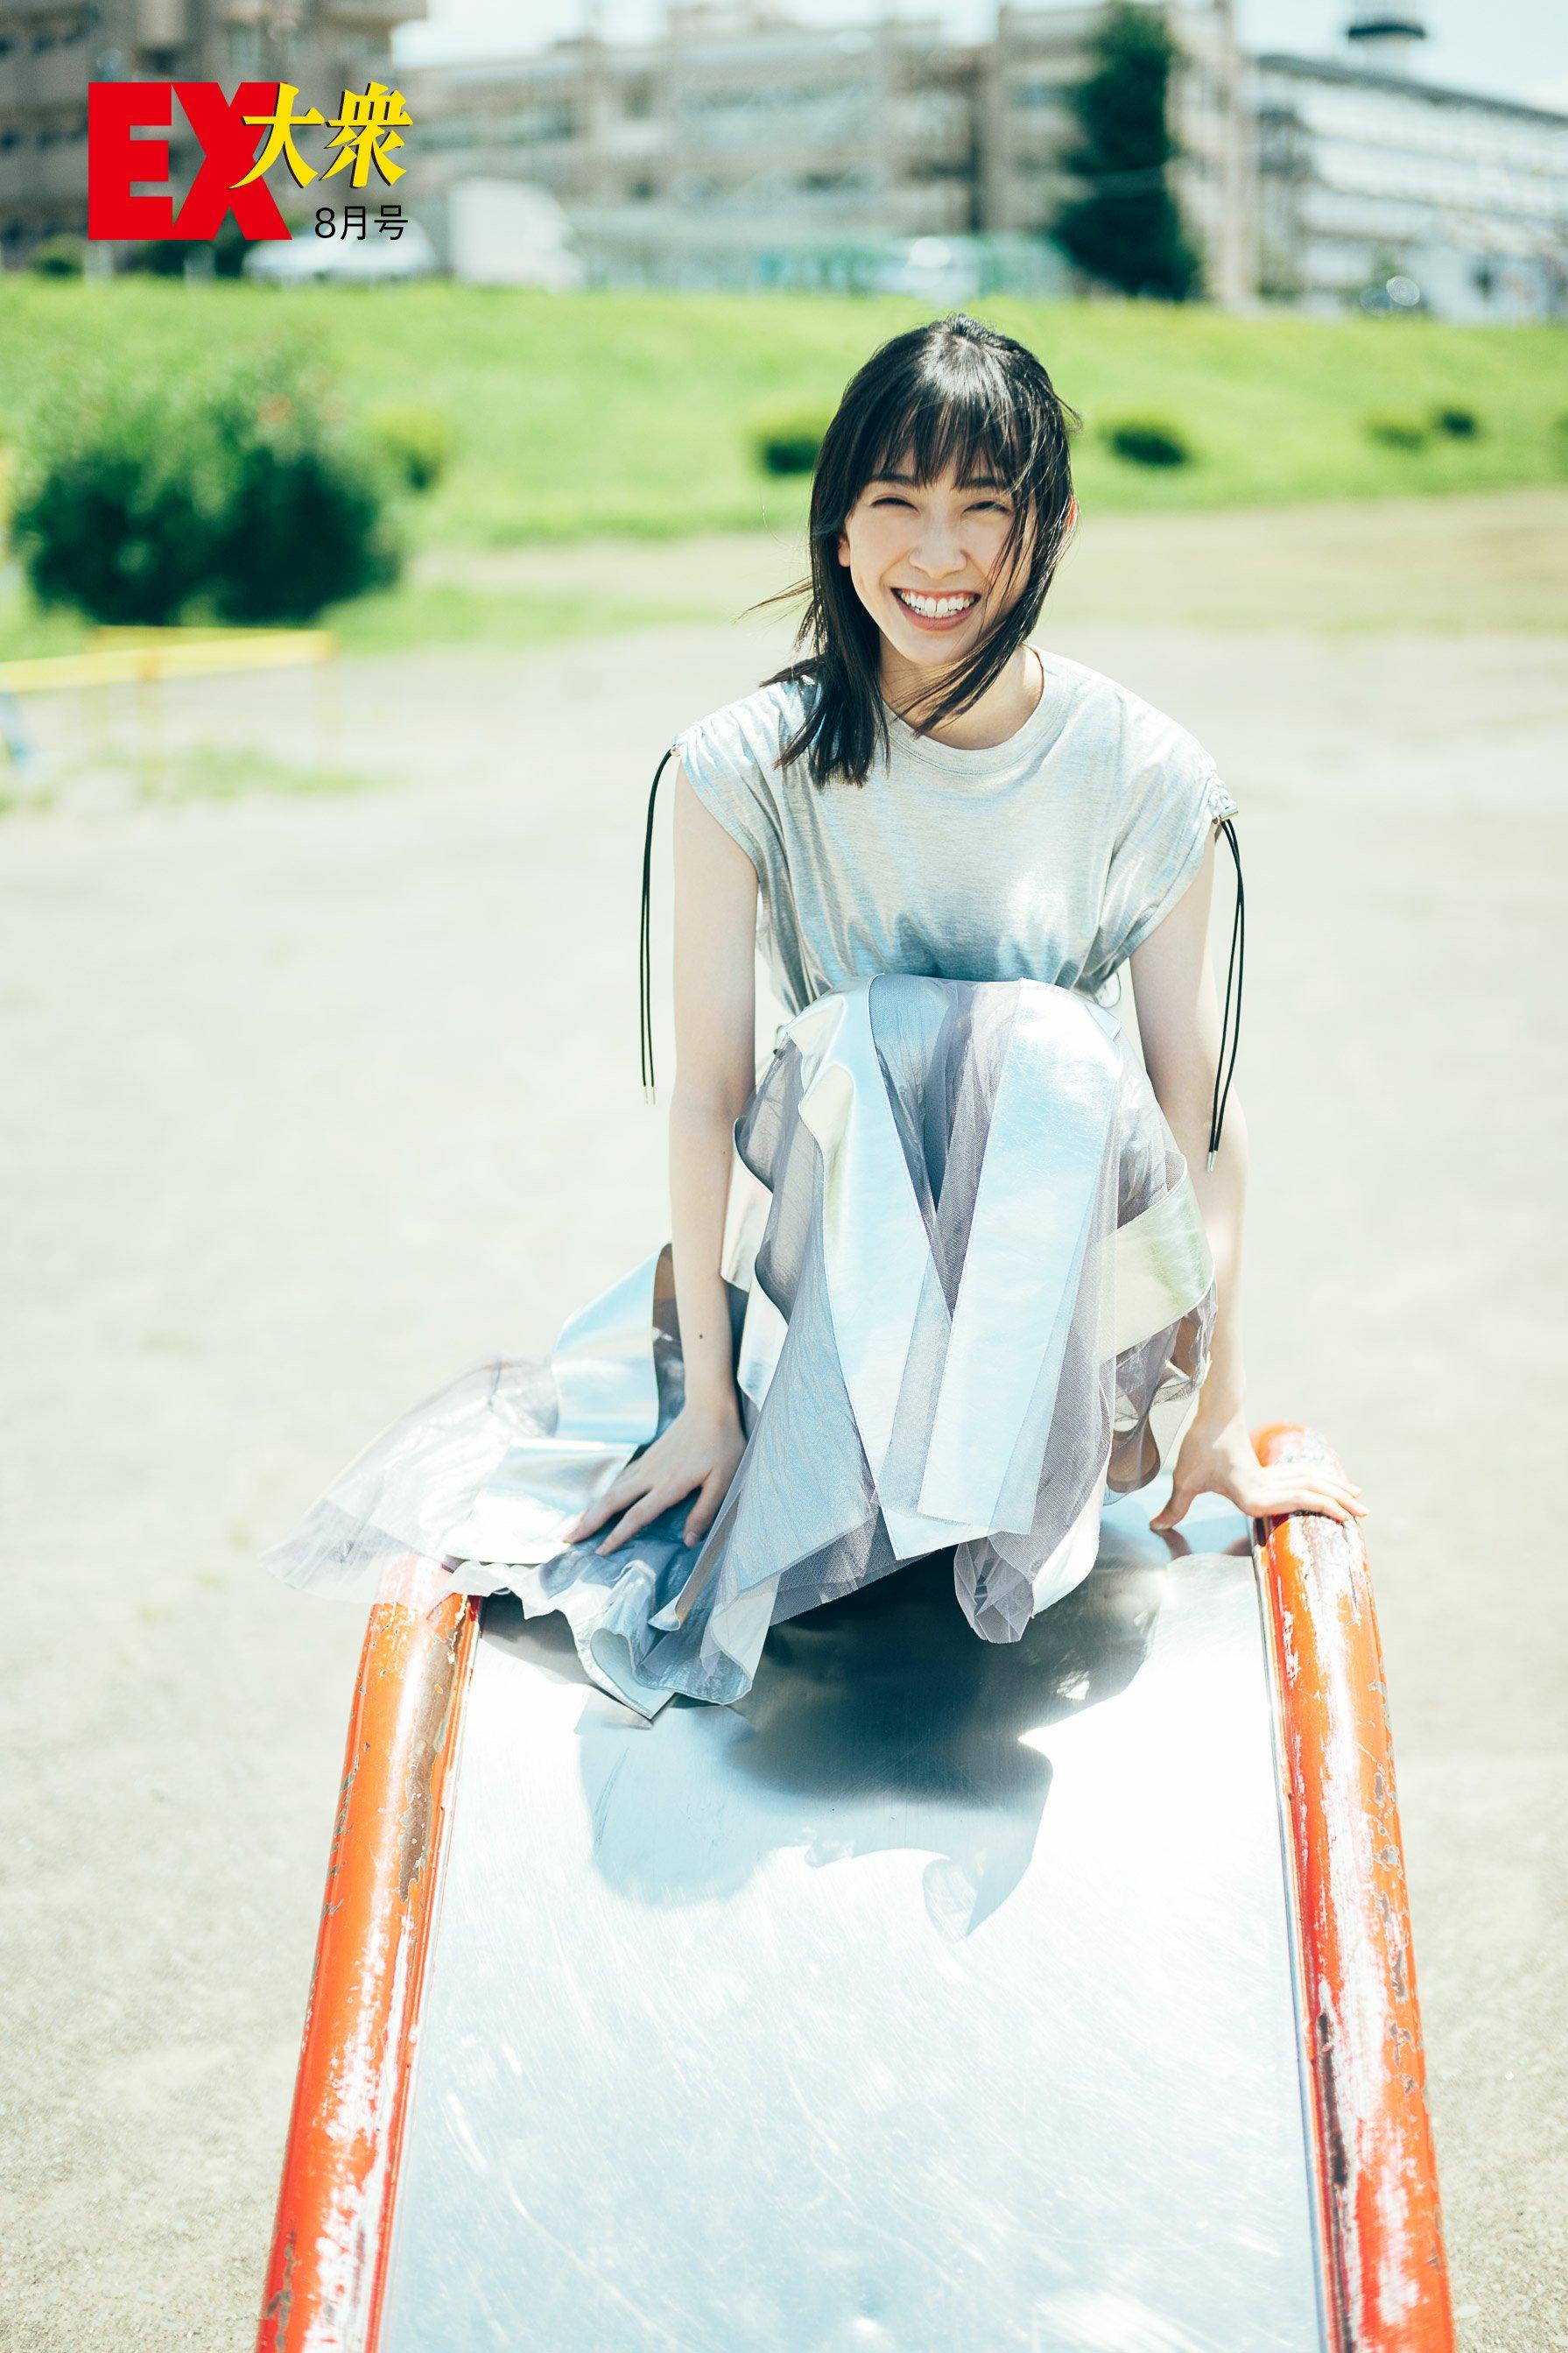 日向坂46金村美玖の本誌未掲載カット6枚を大公開!【EX大衆8月号】の画像002